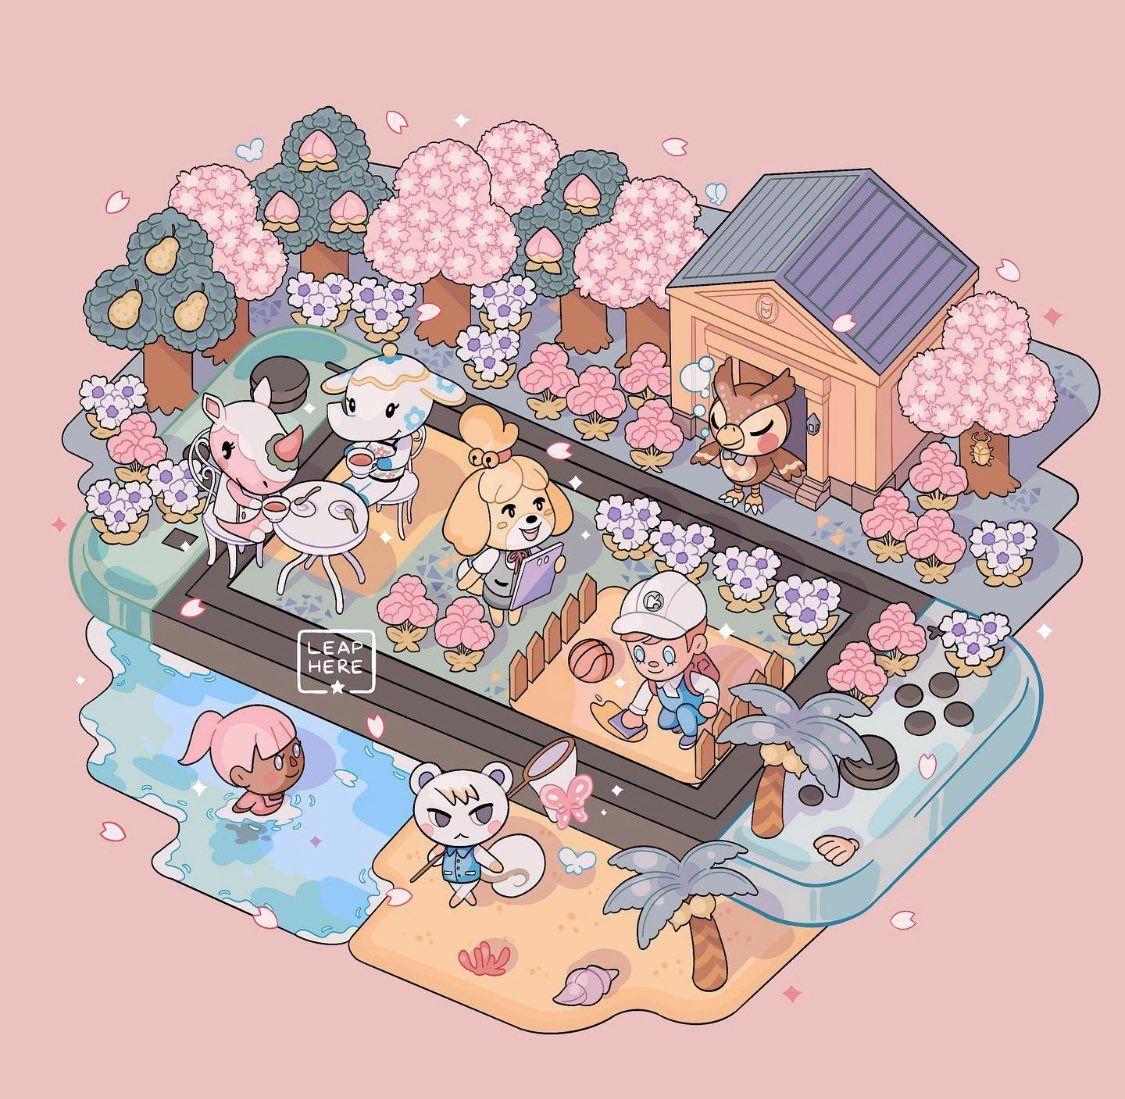 Leaphere On In 2020 Animal Crossing Memes Animal Crossing Animal Crossing Pocket Camp